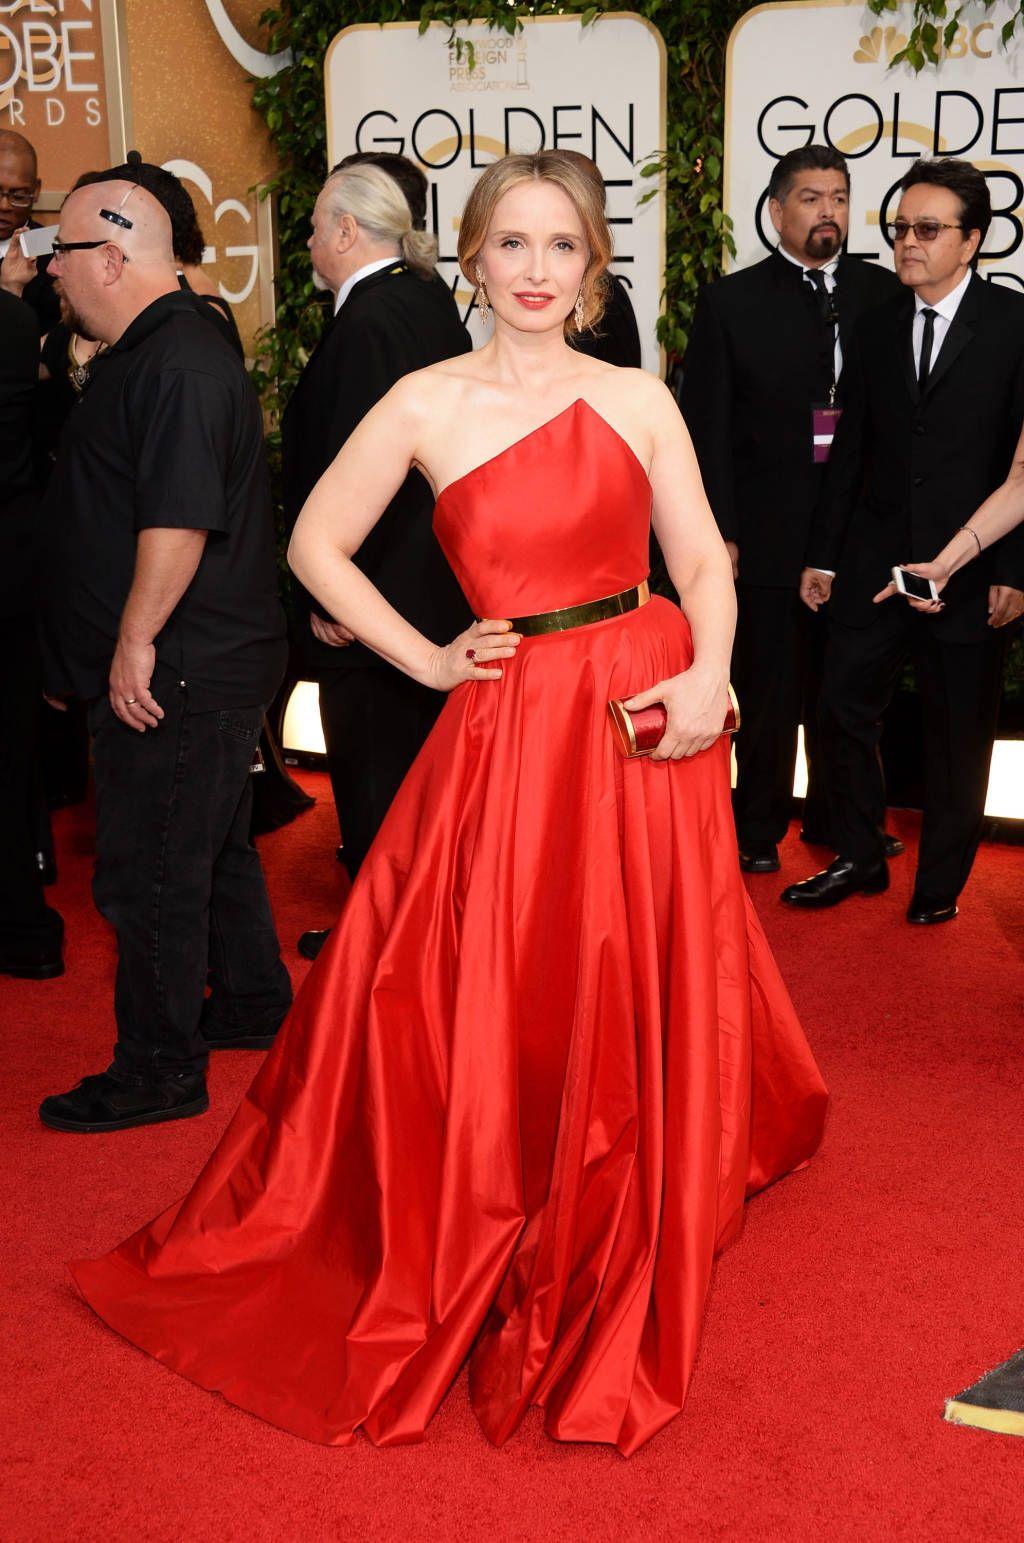 Golden Globes Red Carpet 2014 - Julie Delpy